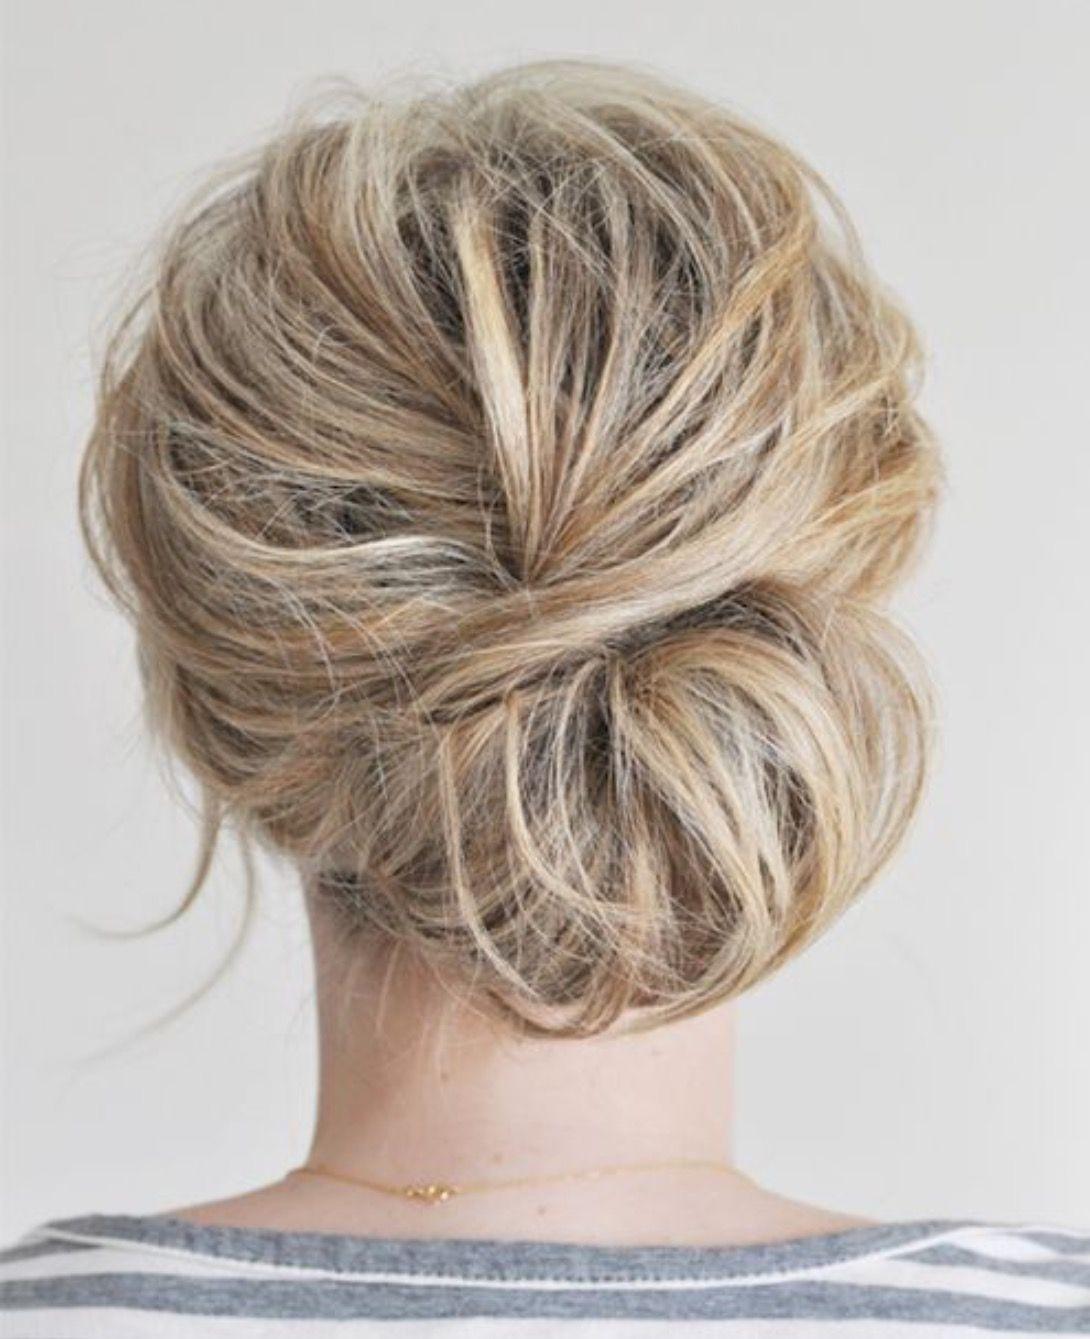 Pin By Rachel Smith On Hair Dos Hair Styles Chignon Hair Hair Beauty